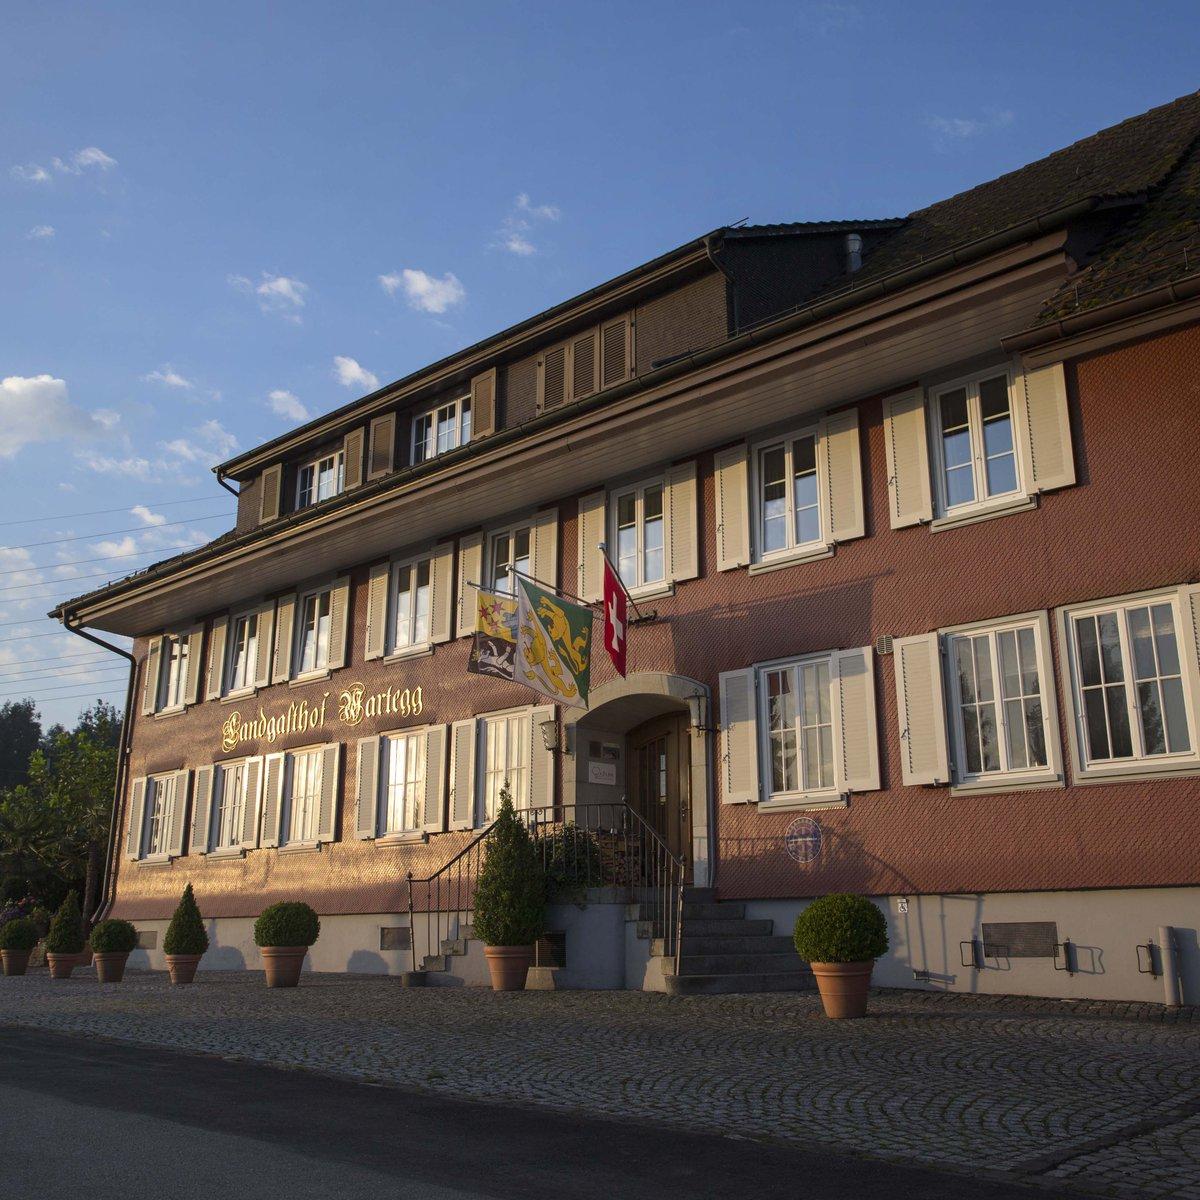 Landgasthof Wartegg Haupteingang